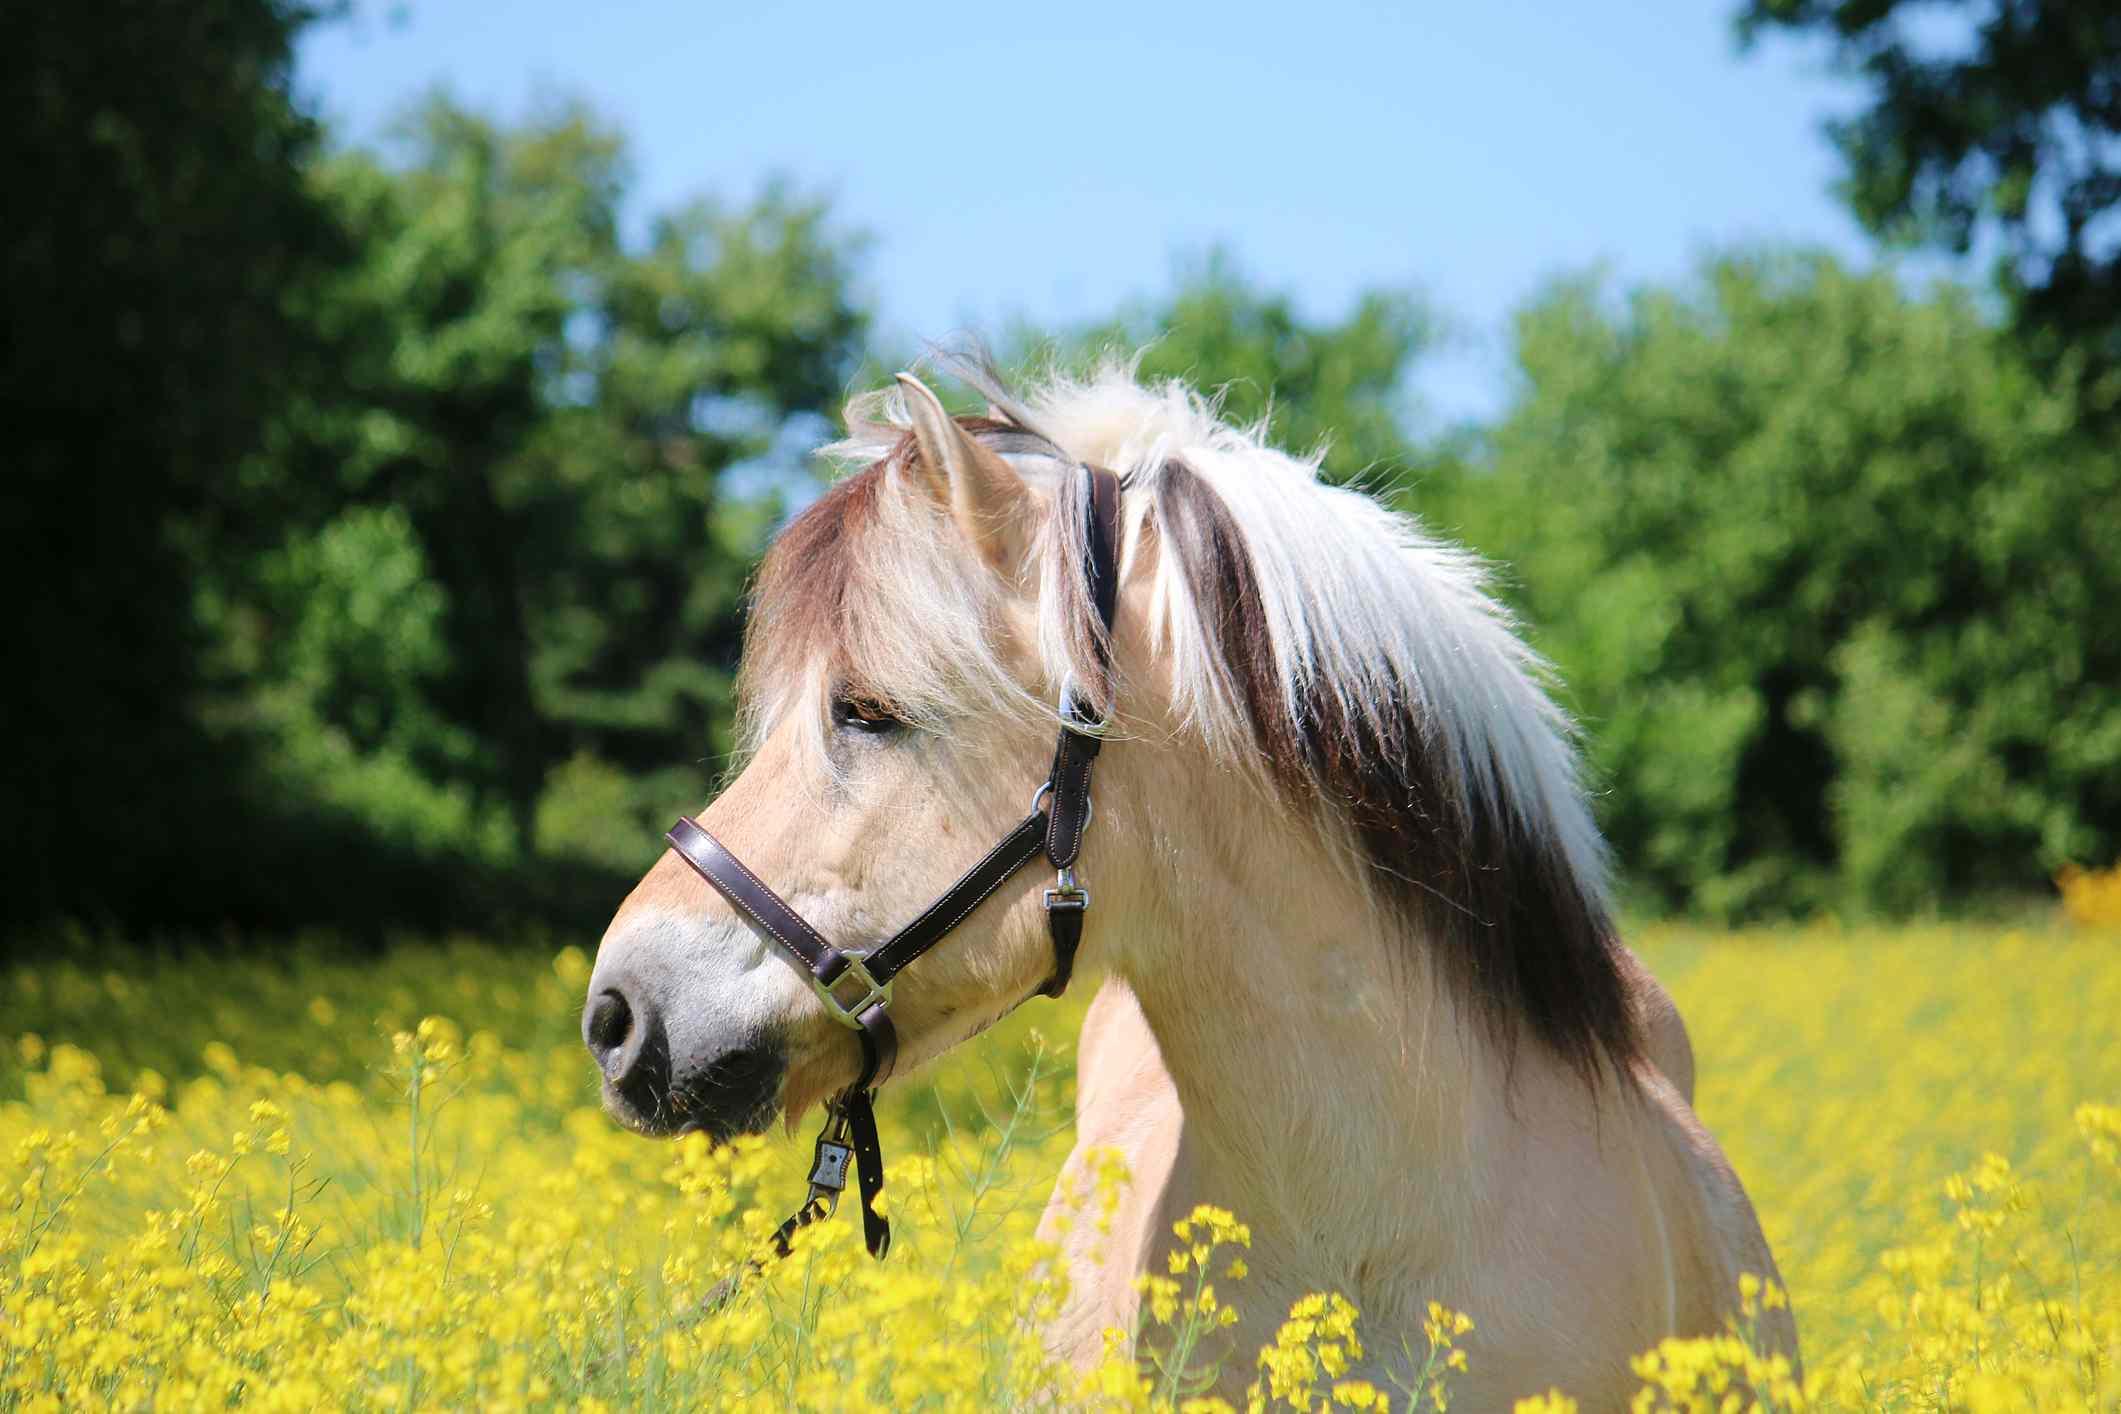 Joven fiordo en un campo de flores amarillas